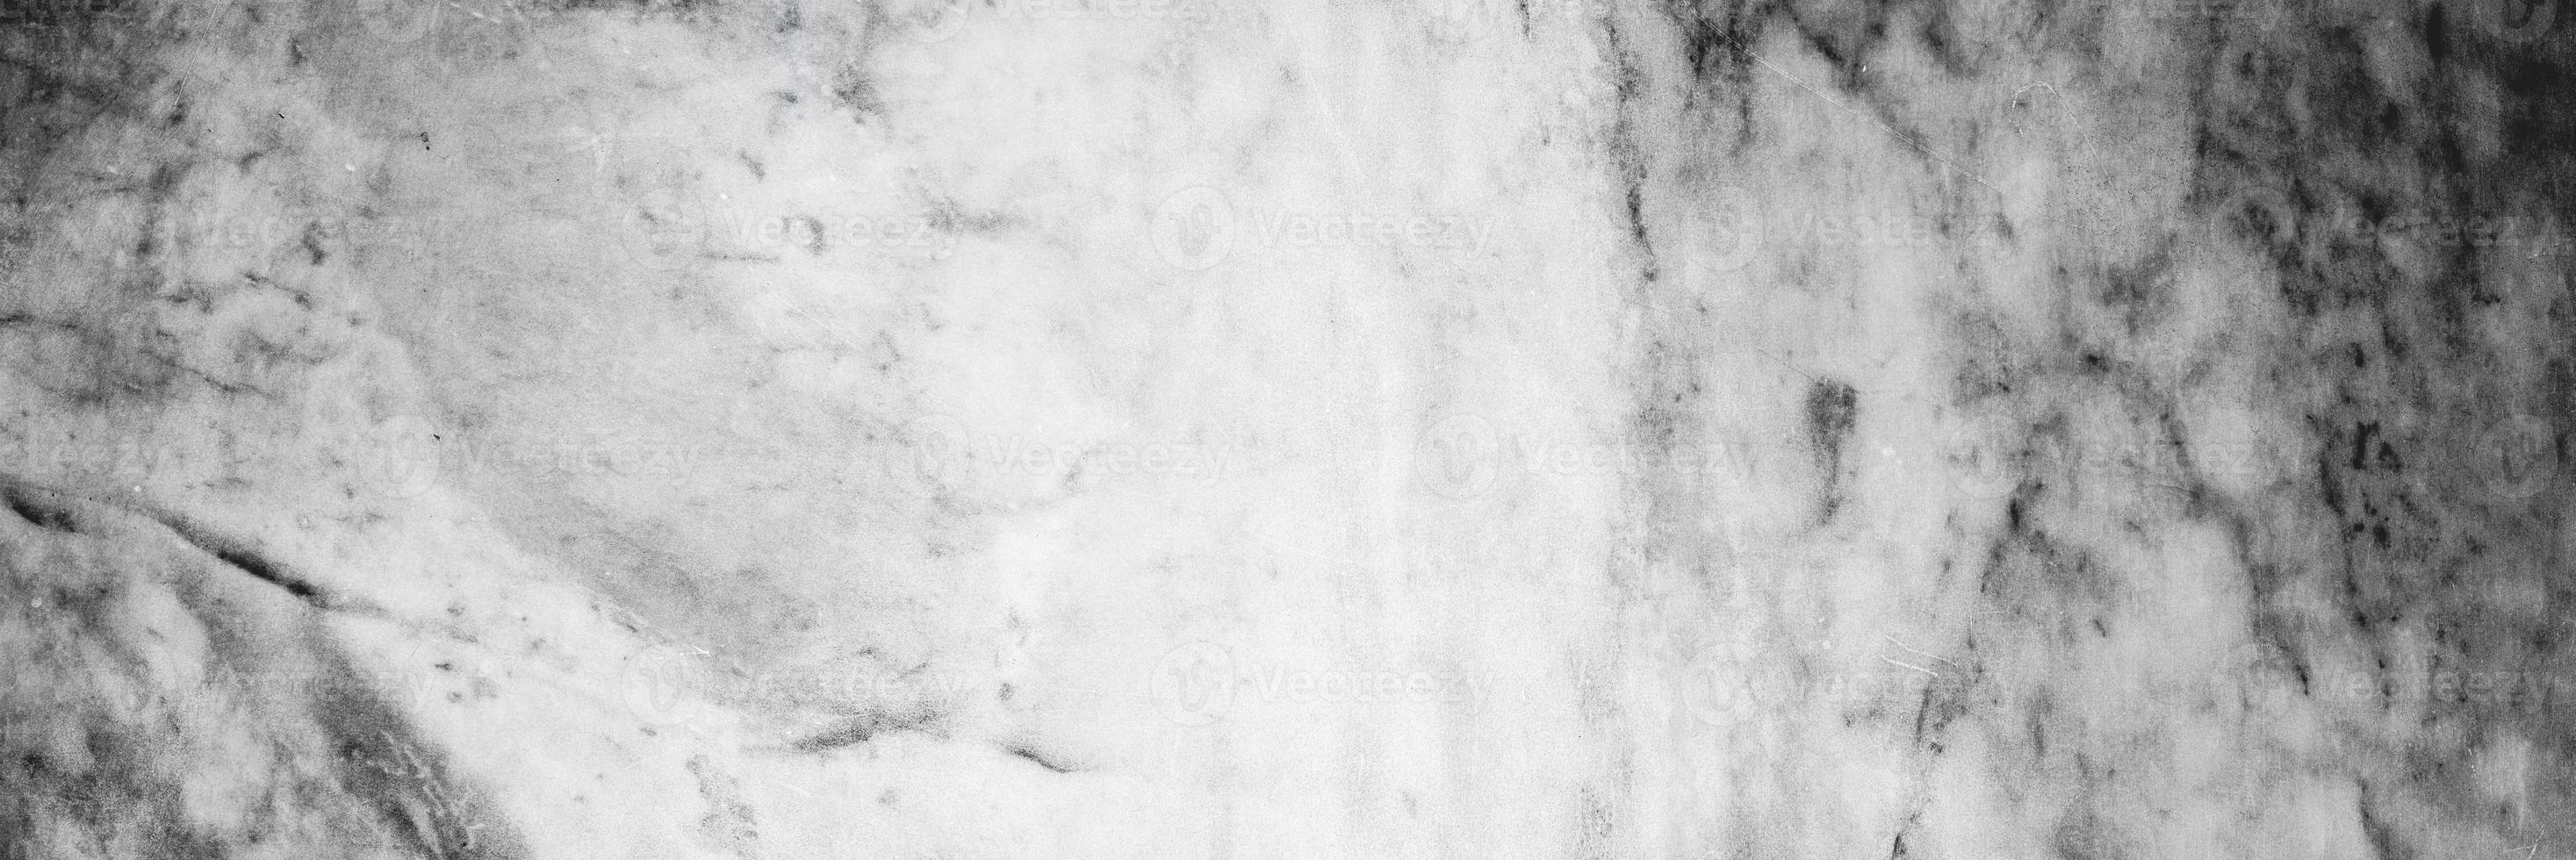 wit en grijs marmer voor achtergrond of textuur foto